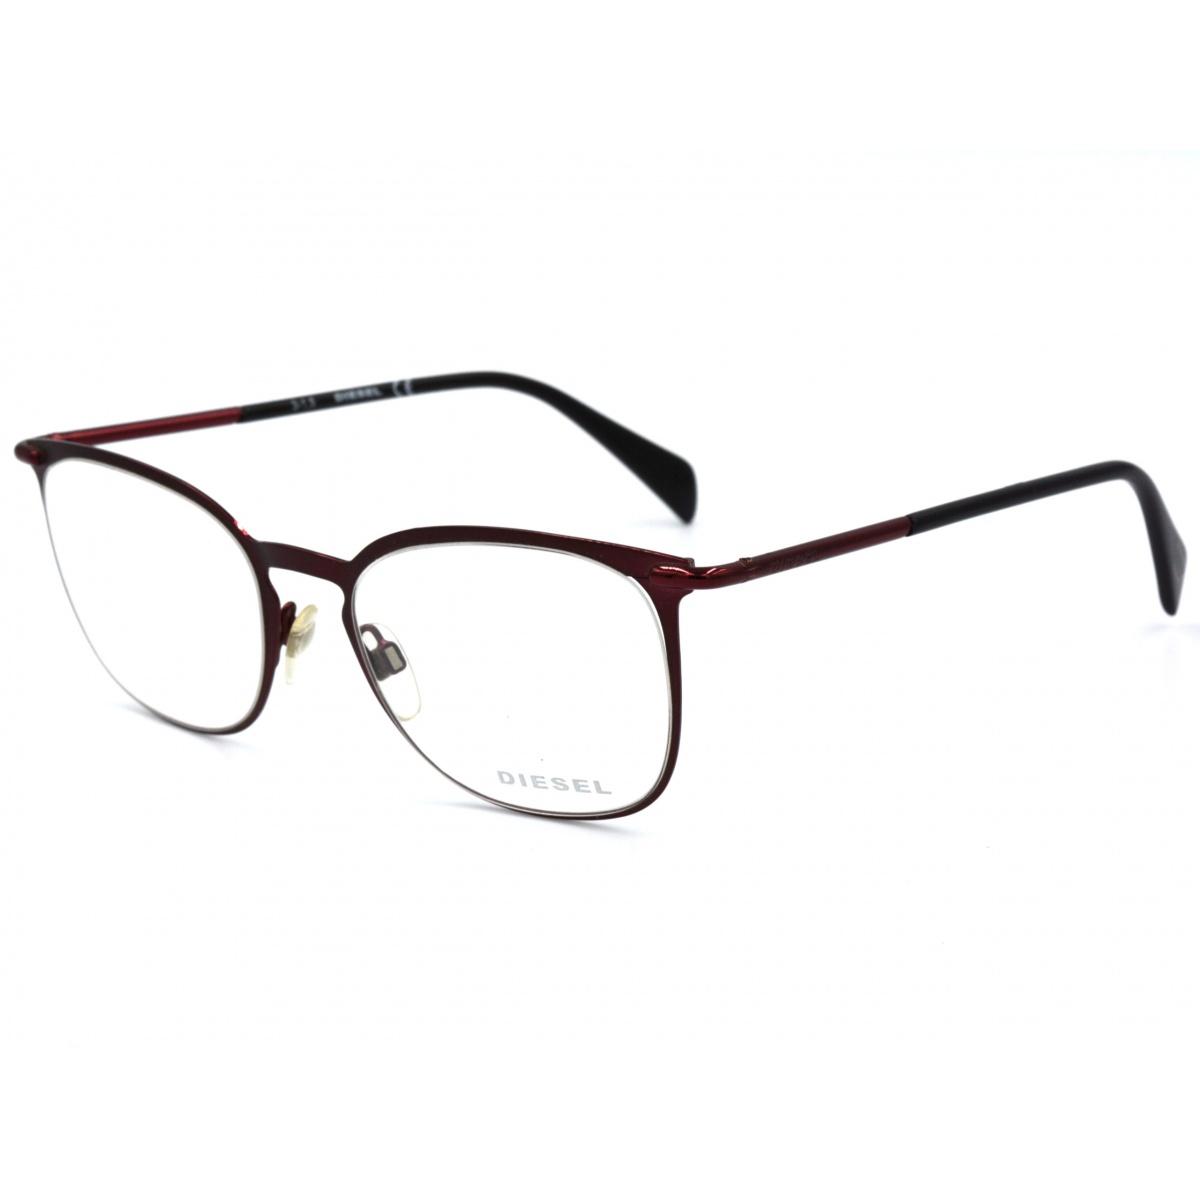 DIESEL DL5164 068 UNISEX Prescription Glasses 2020